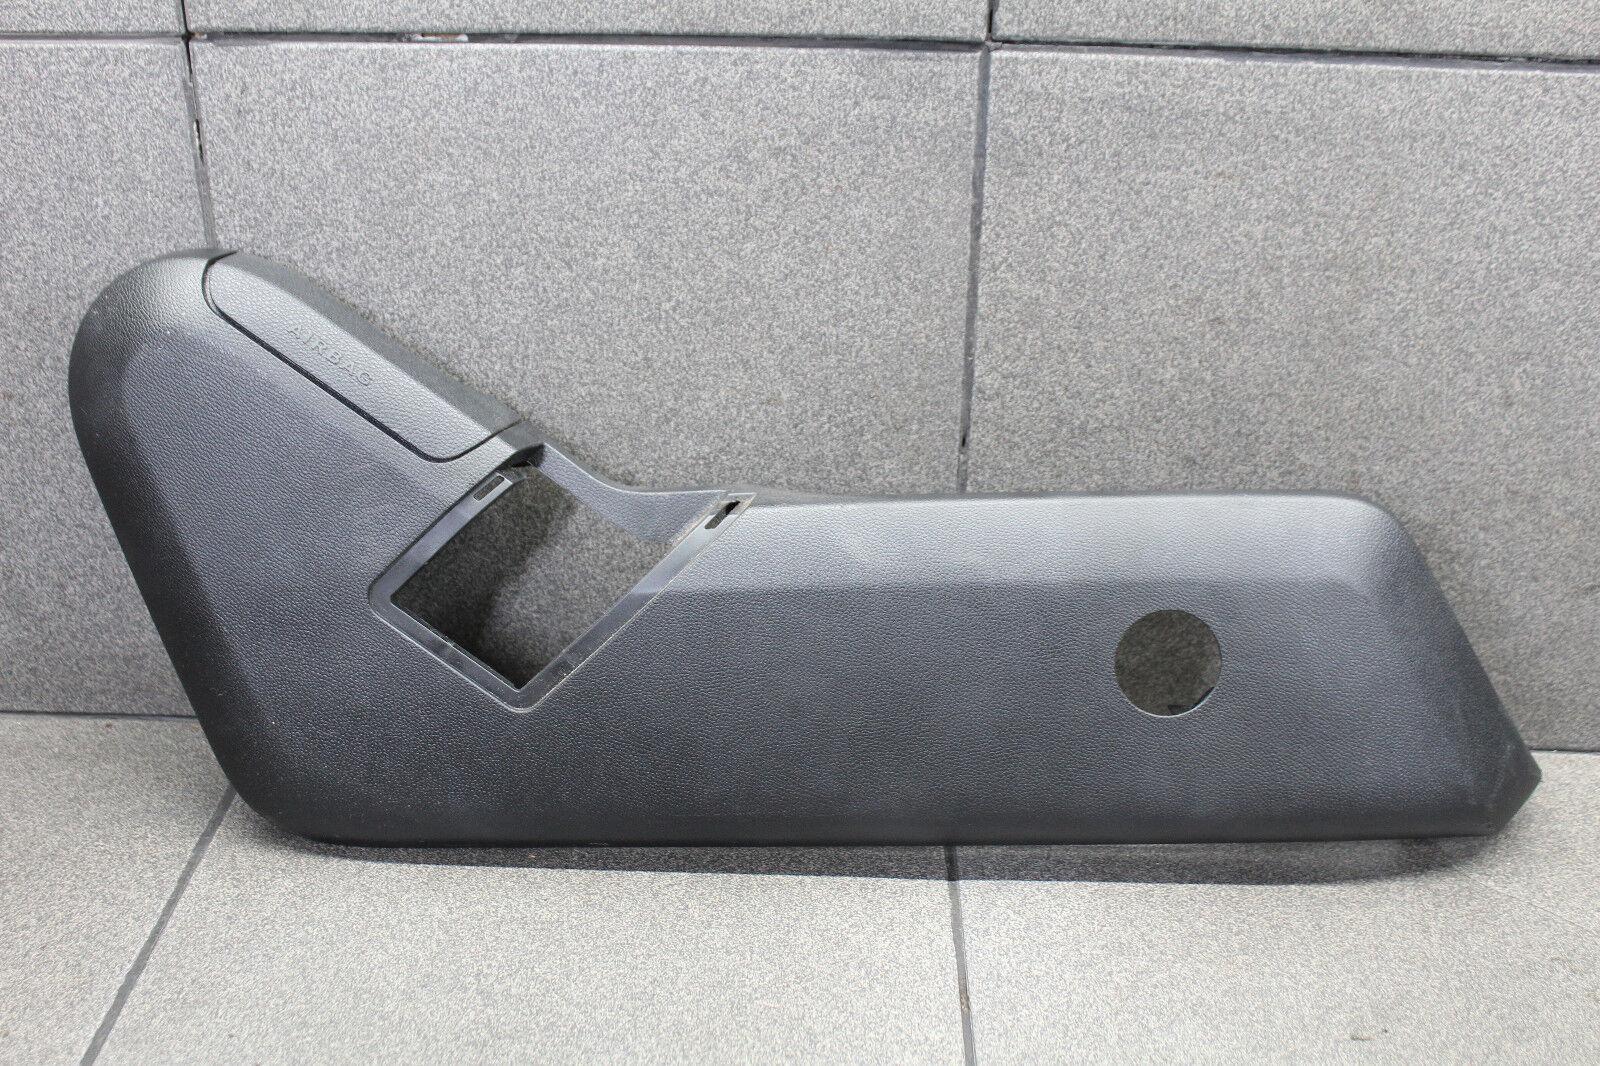 Autoplane Classic passend f/ür Mercedes-Benz SL R230 2001-2012 formanpassend atmungsaktiv Ganzgarage f/ür Innen Auto-Abdeckung Car Cover Autoabdeckung Auto-Garage Auto-Abdeckplane